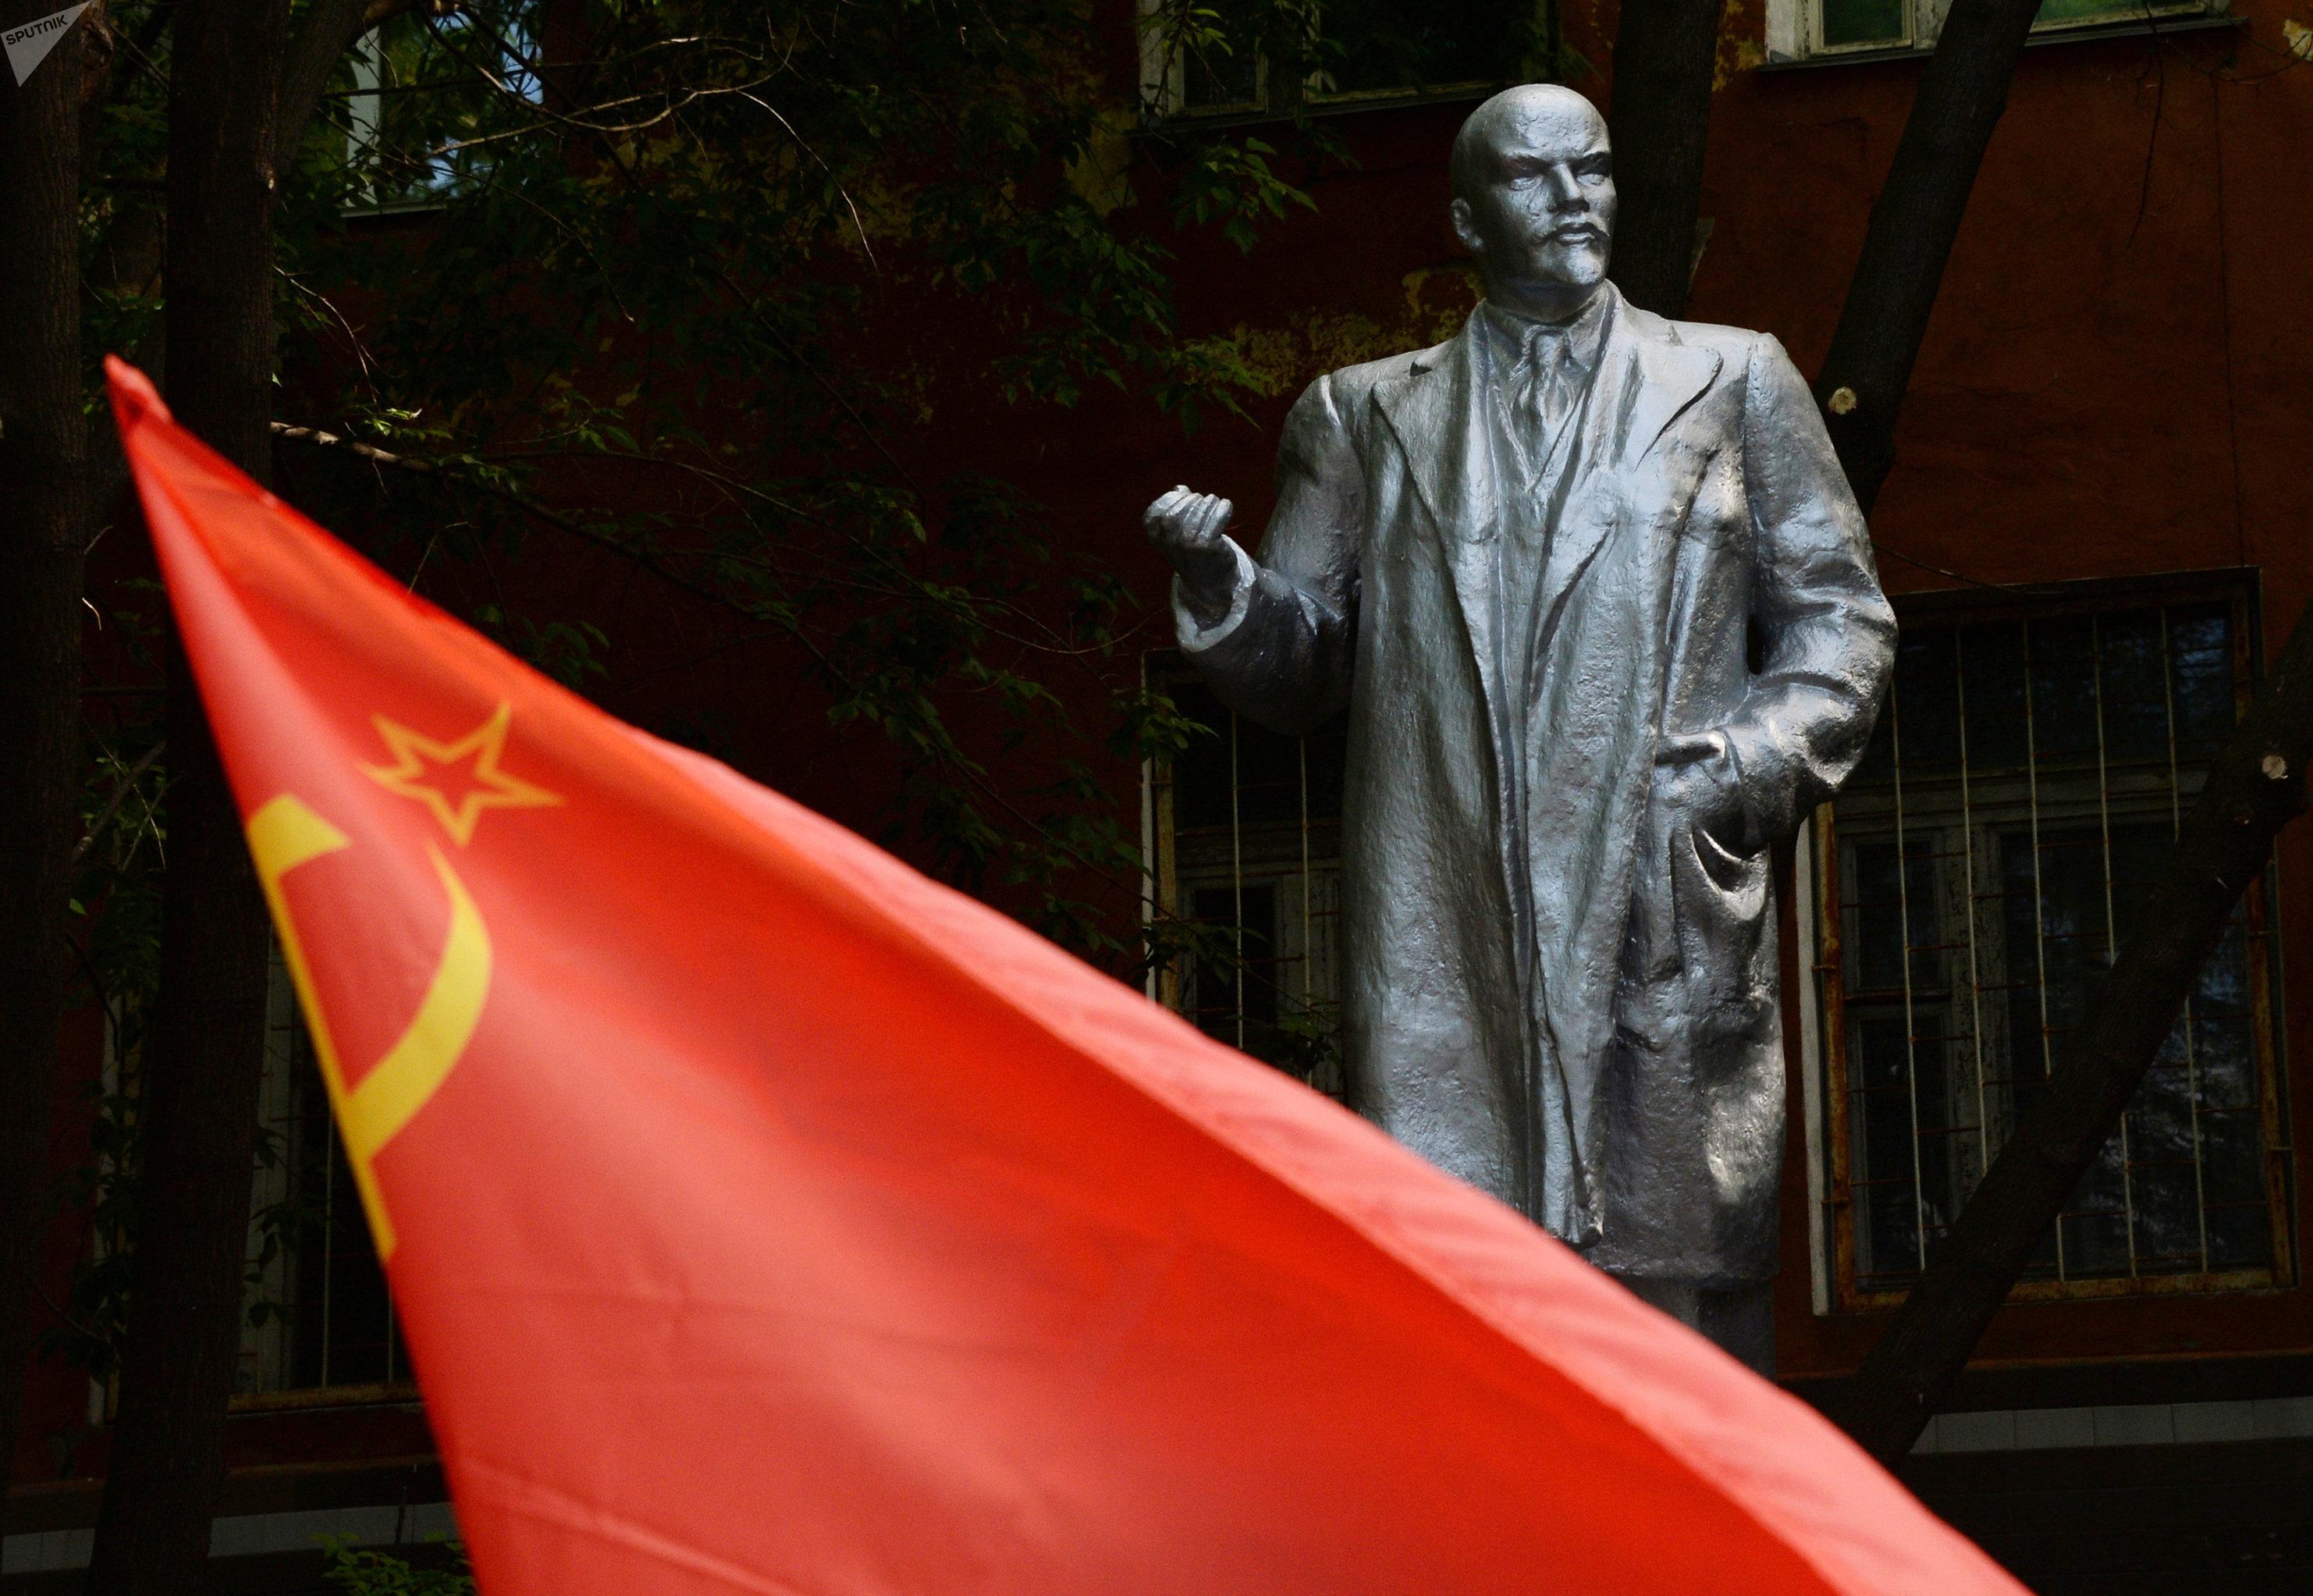 Pomnik Lenina we Władywostoku